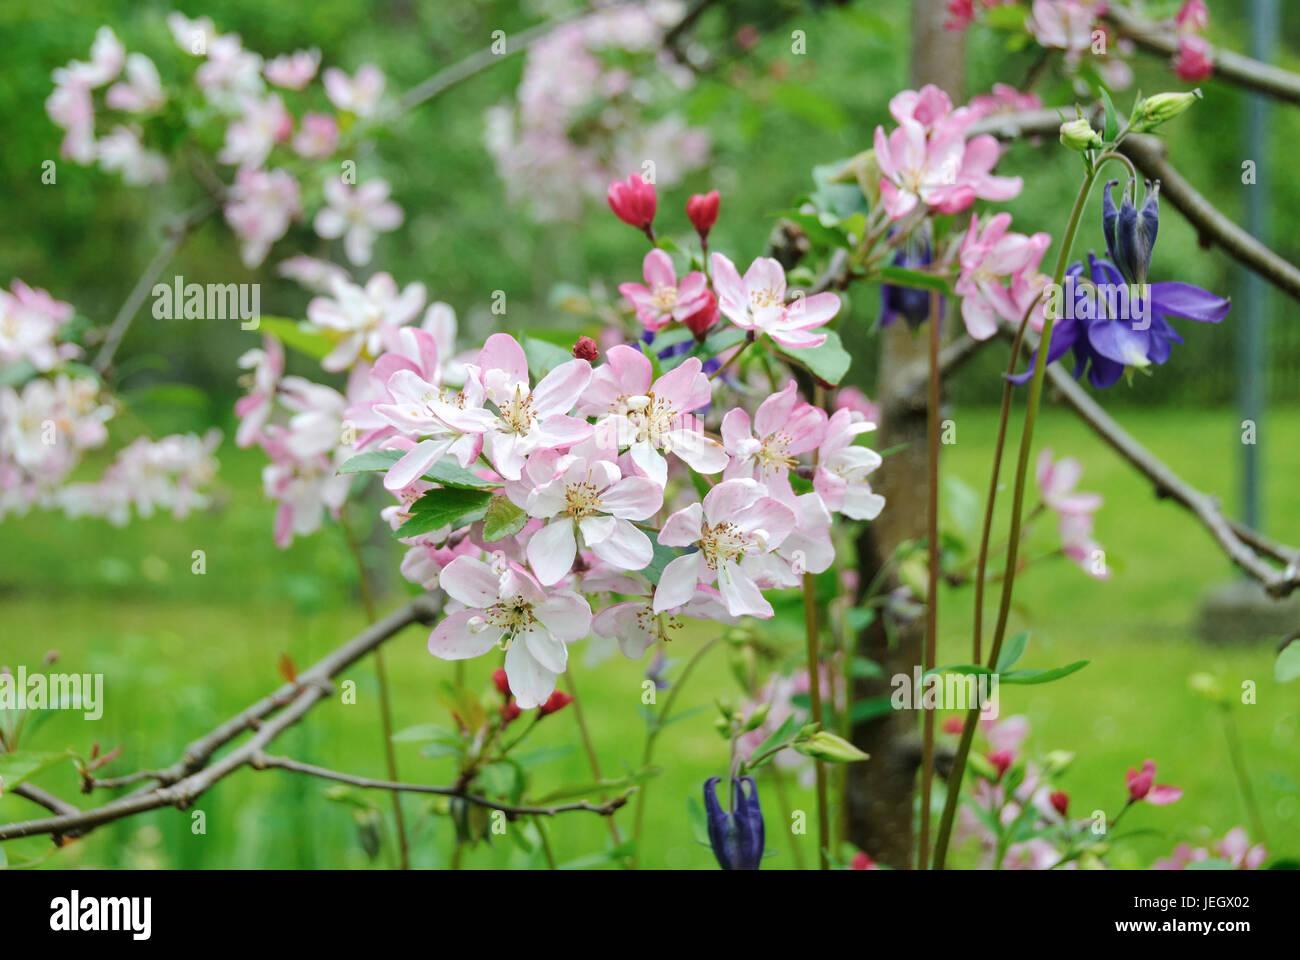 Zier Apfel Stock Photos Zier Apfel Stock Images Alamy